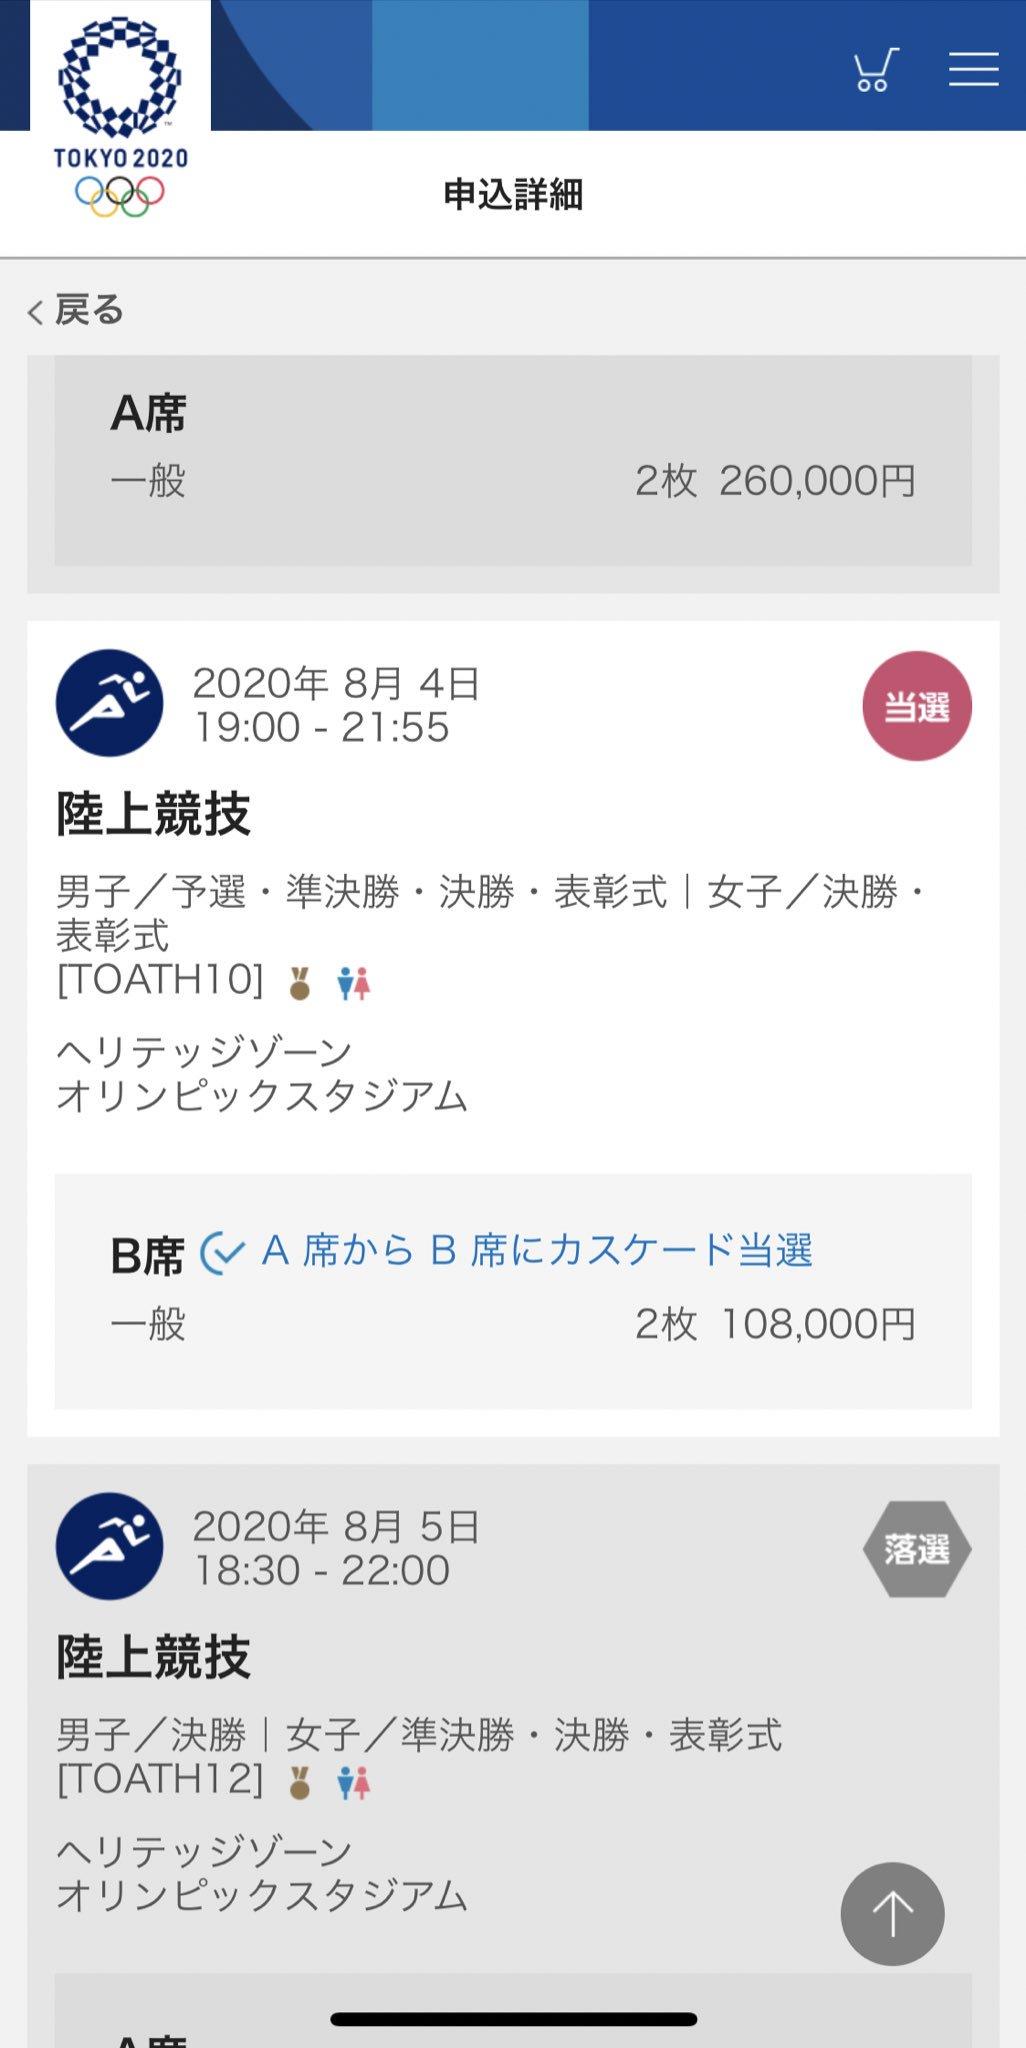 画像,東京五輪のオリンピックチケット、開会式と閉会式どちらもA席当選してしまったんだがww https://t.co/n1sQdlKm0L…